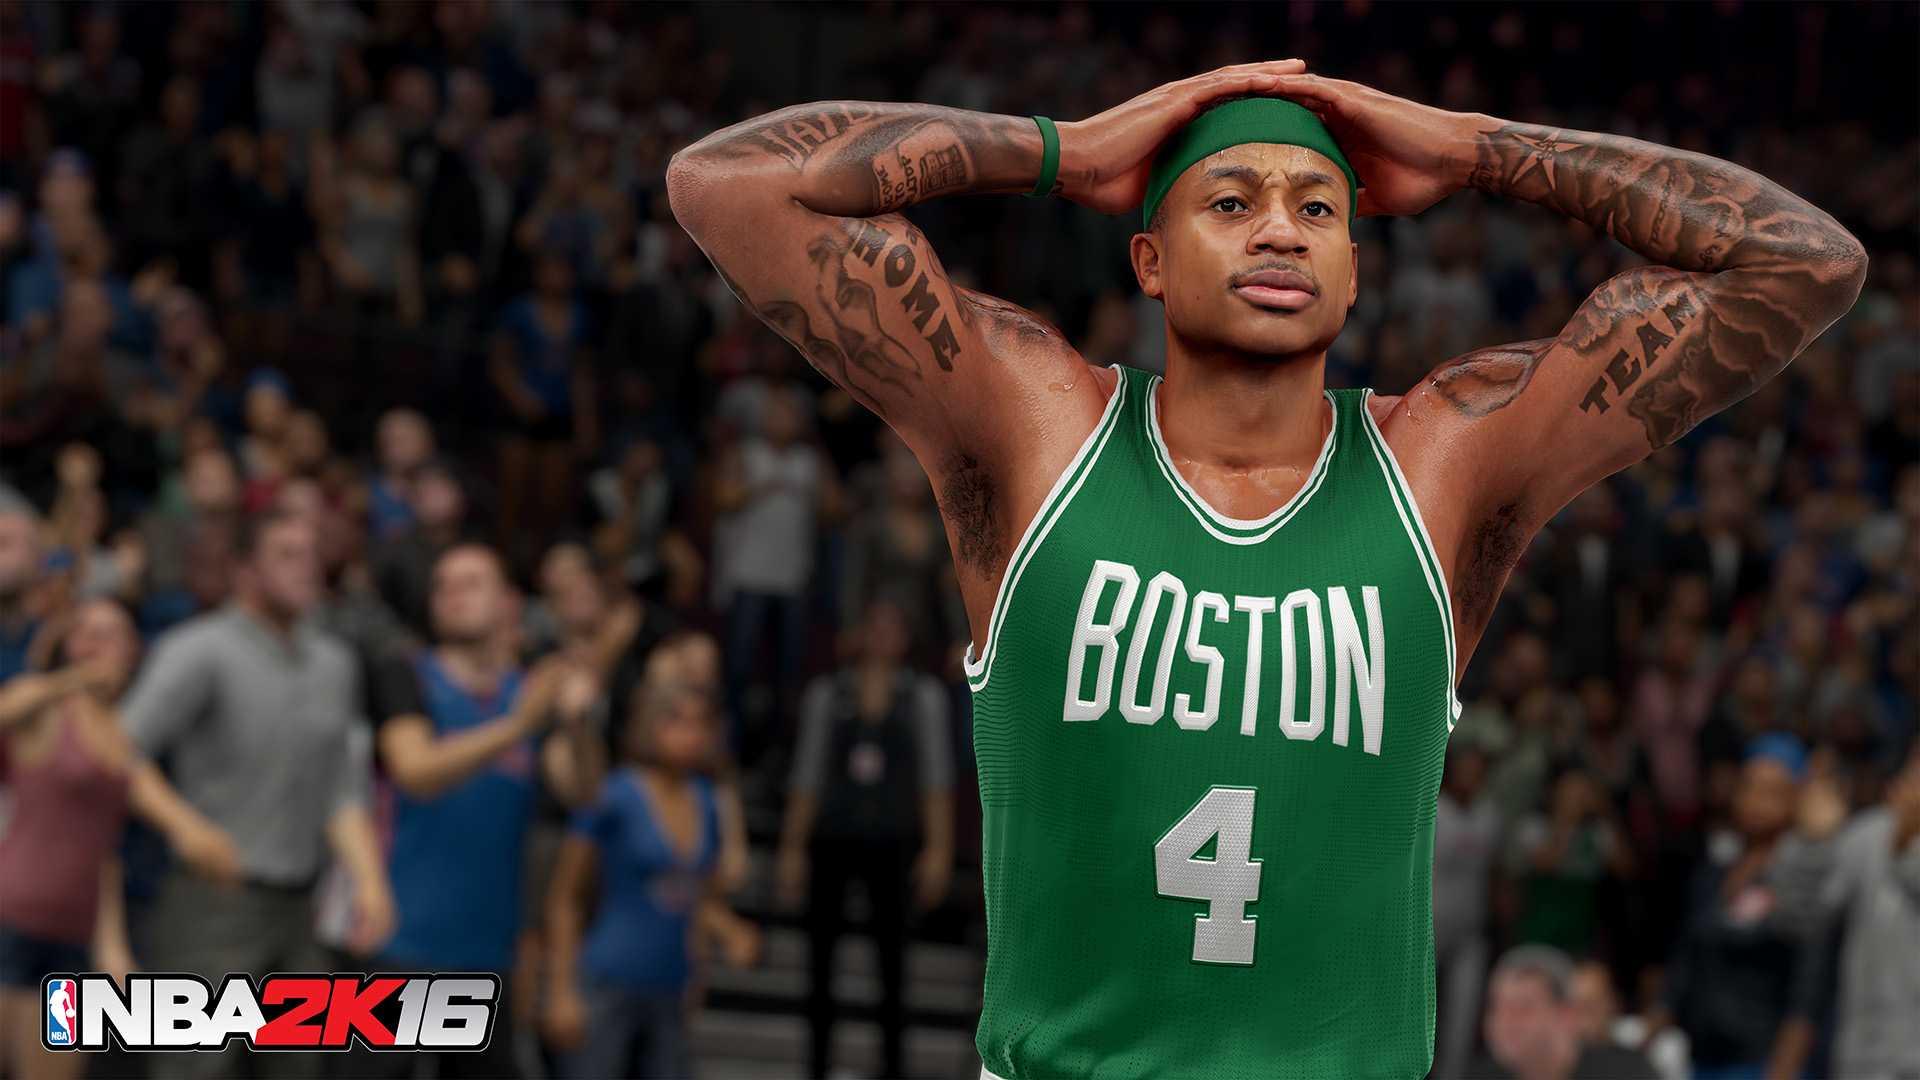 Акция в NBA 2K16